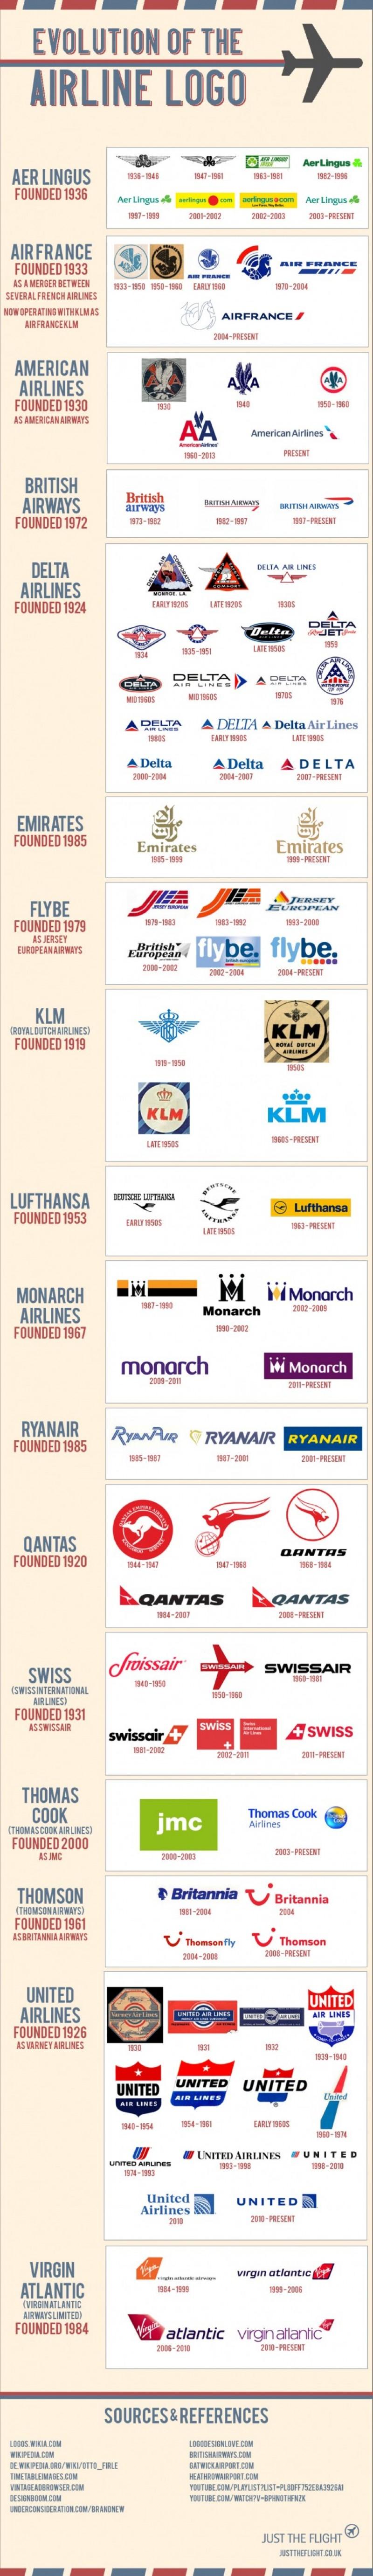 Evolución de logotipos de aerolíneas